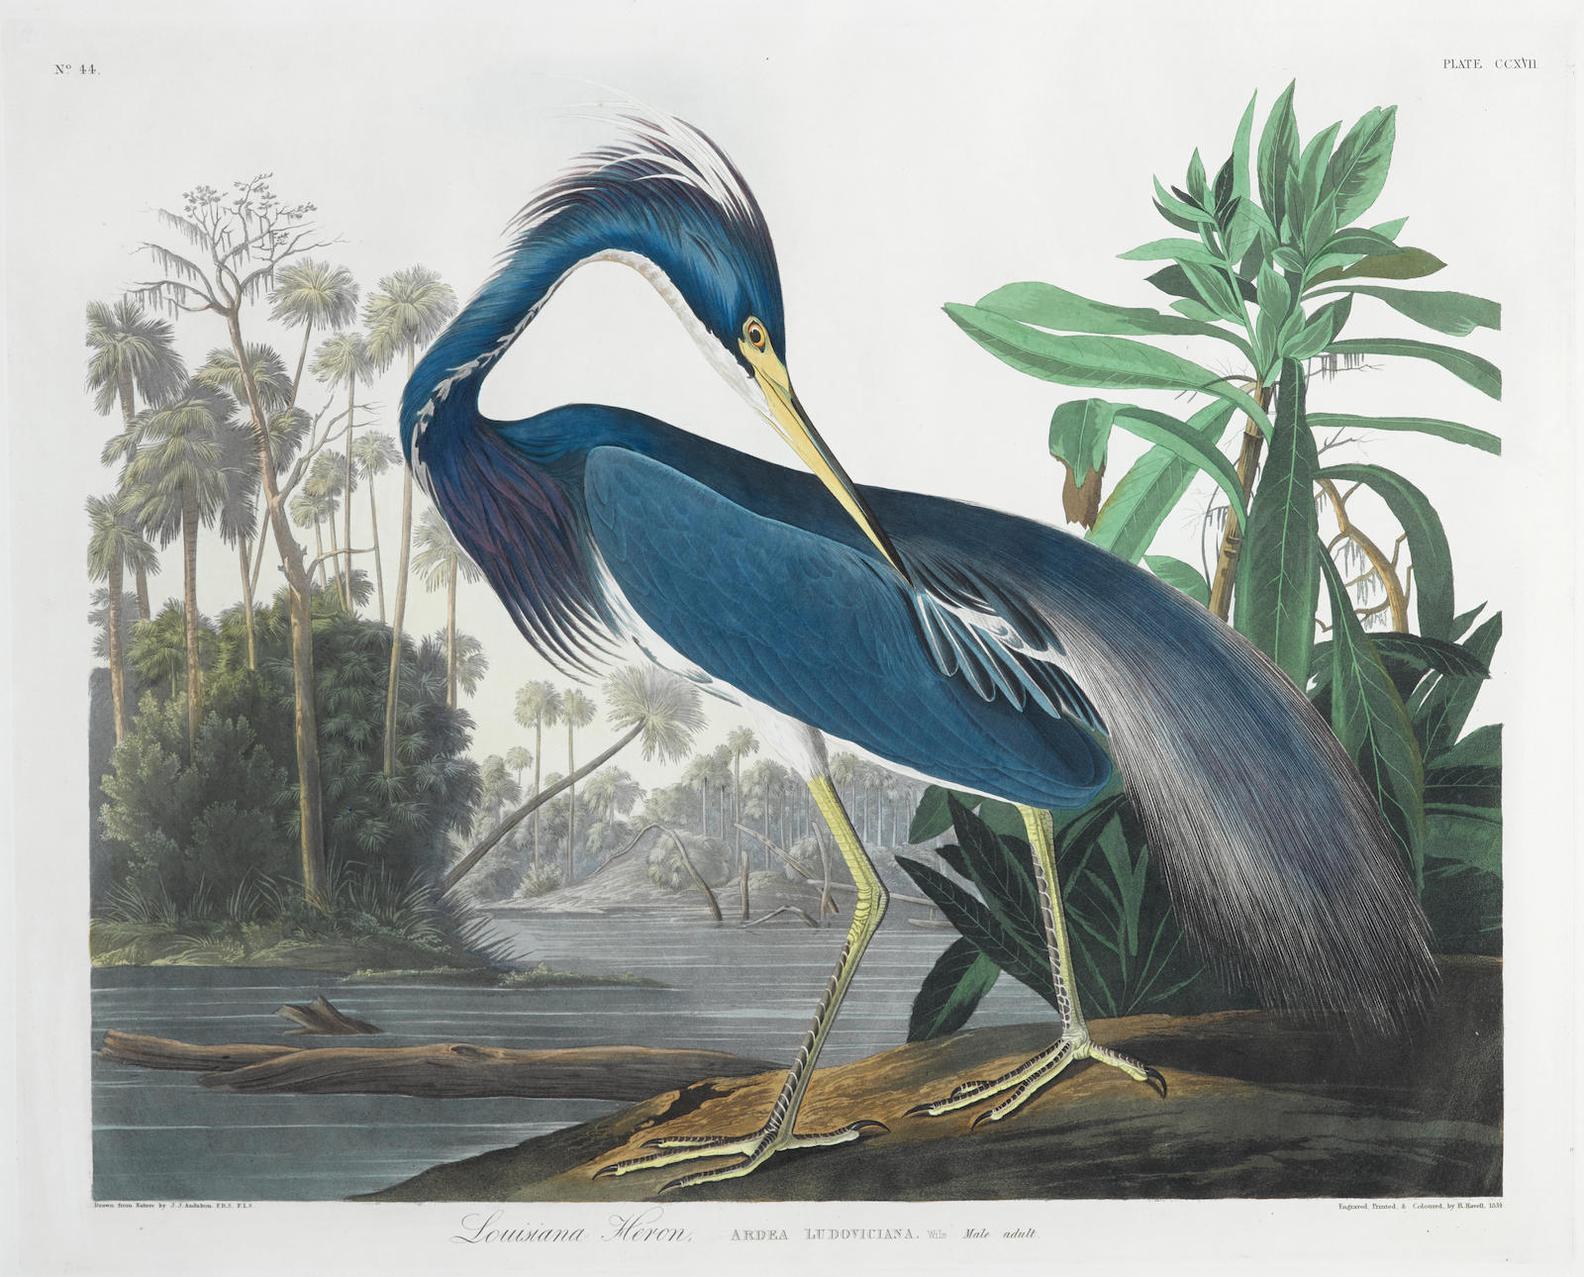 John James Audubon-After John James Audubon - Louisiana Heron (Pl. CCXVII)-1832